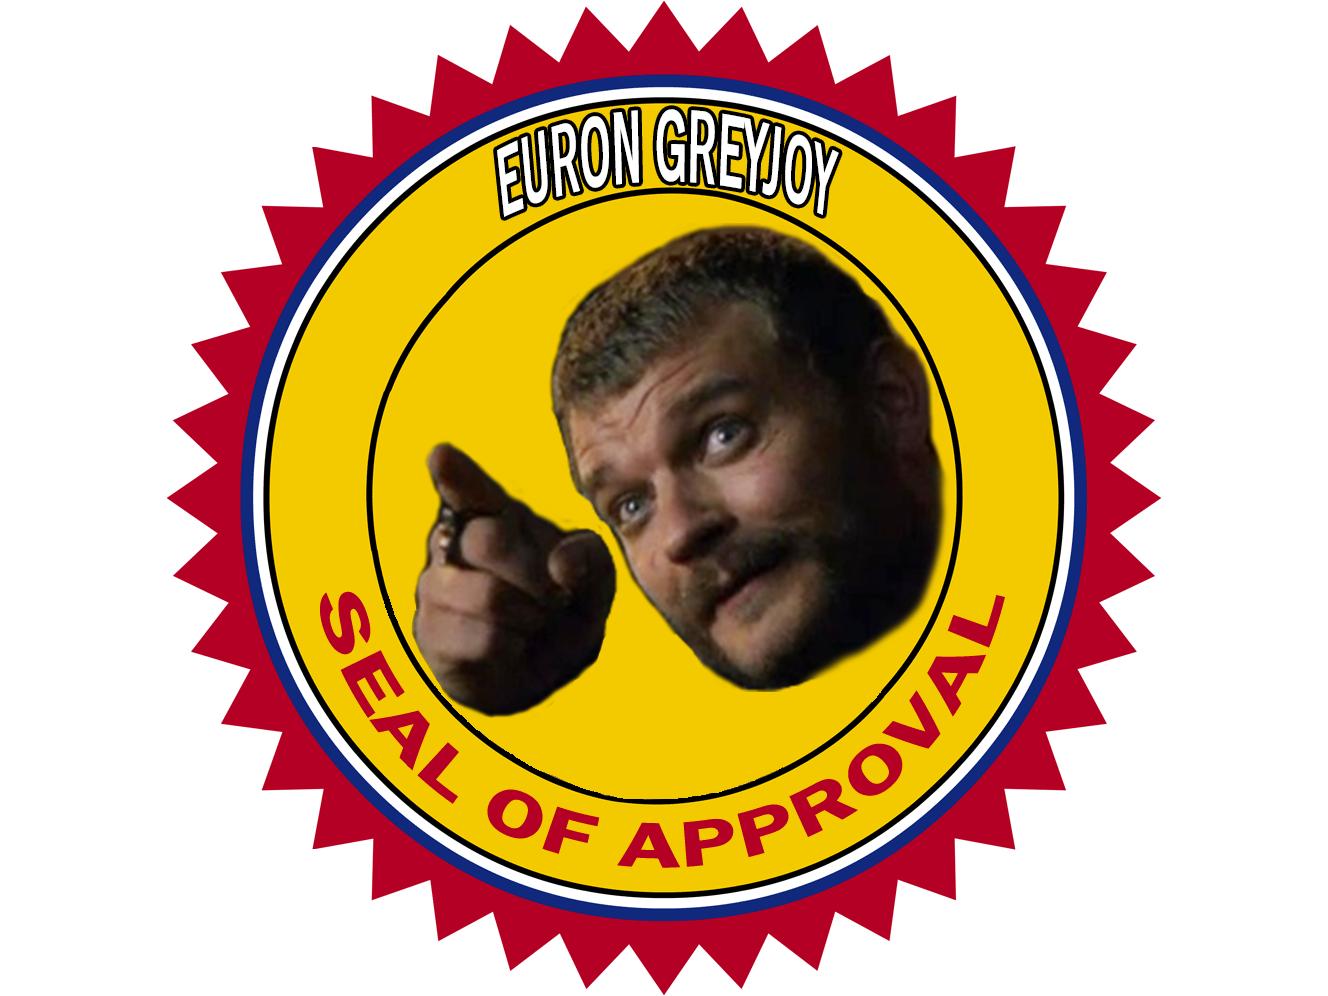 Sticker other got euron greyjoy seal